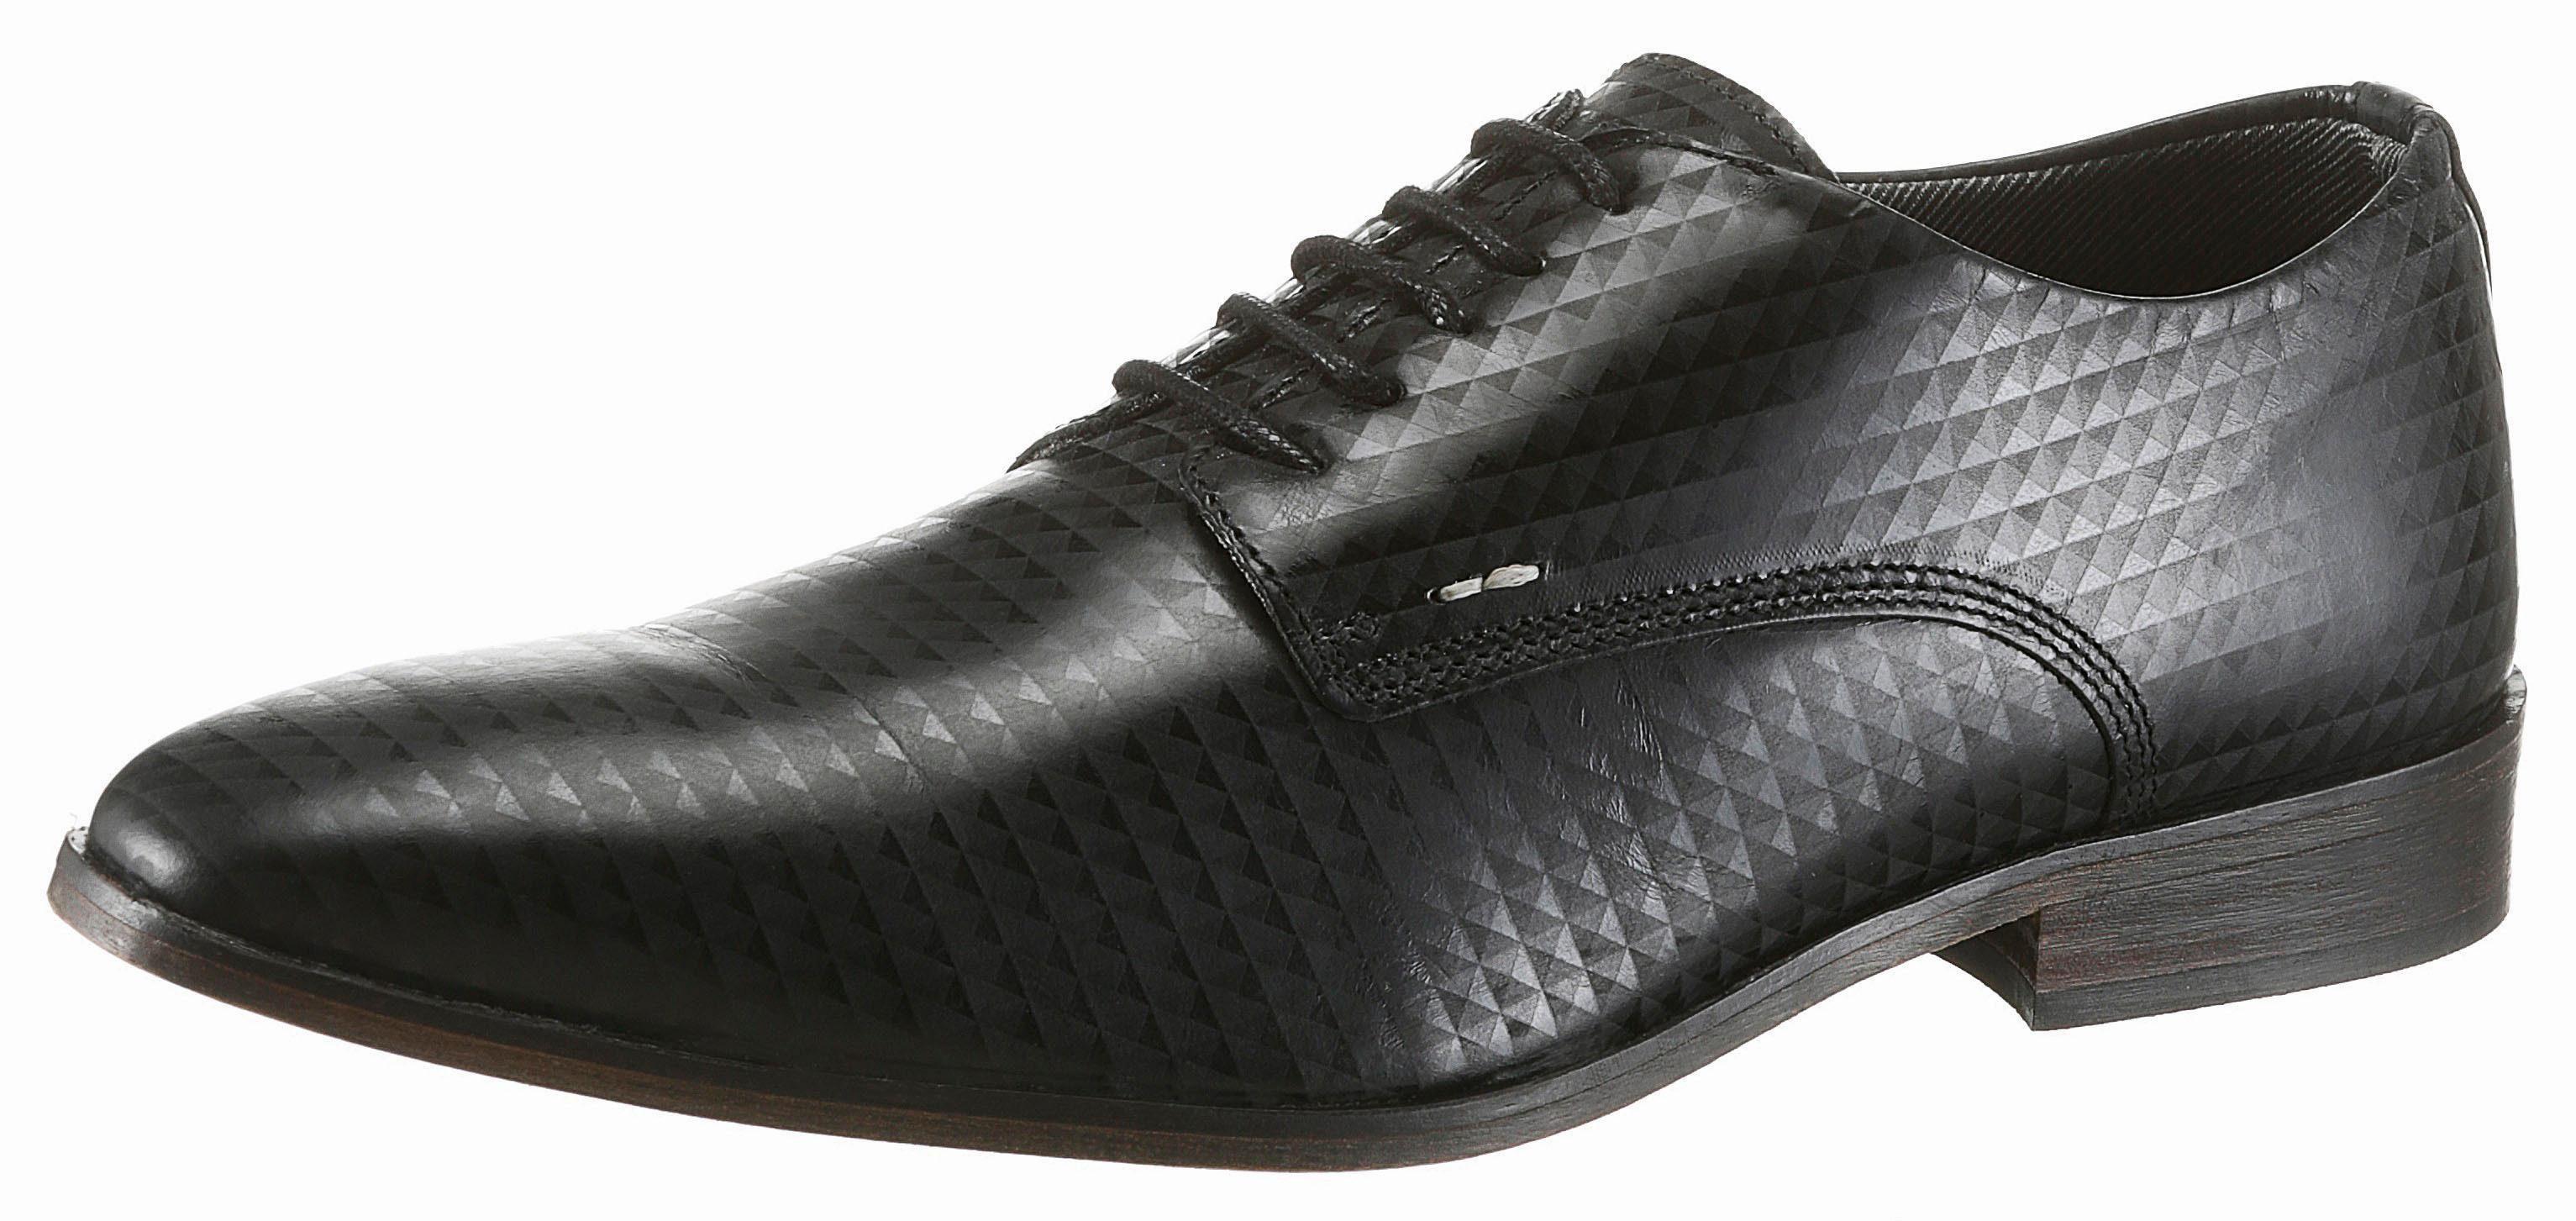 Bullboxer Schnürschuh, mit herausnehmbarer Decksohle online kaufen  schwarz